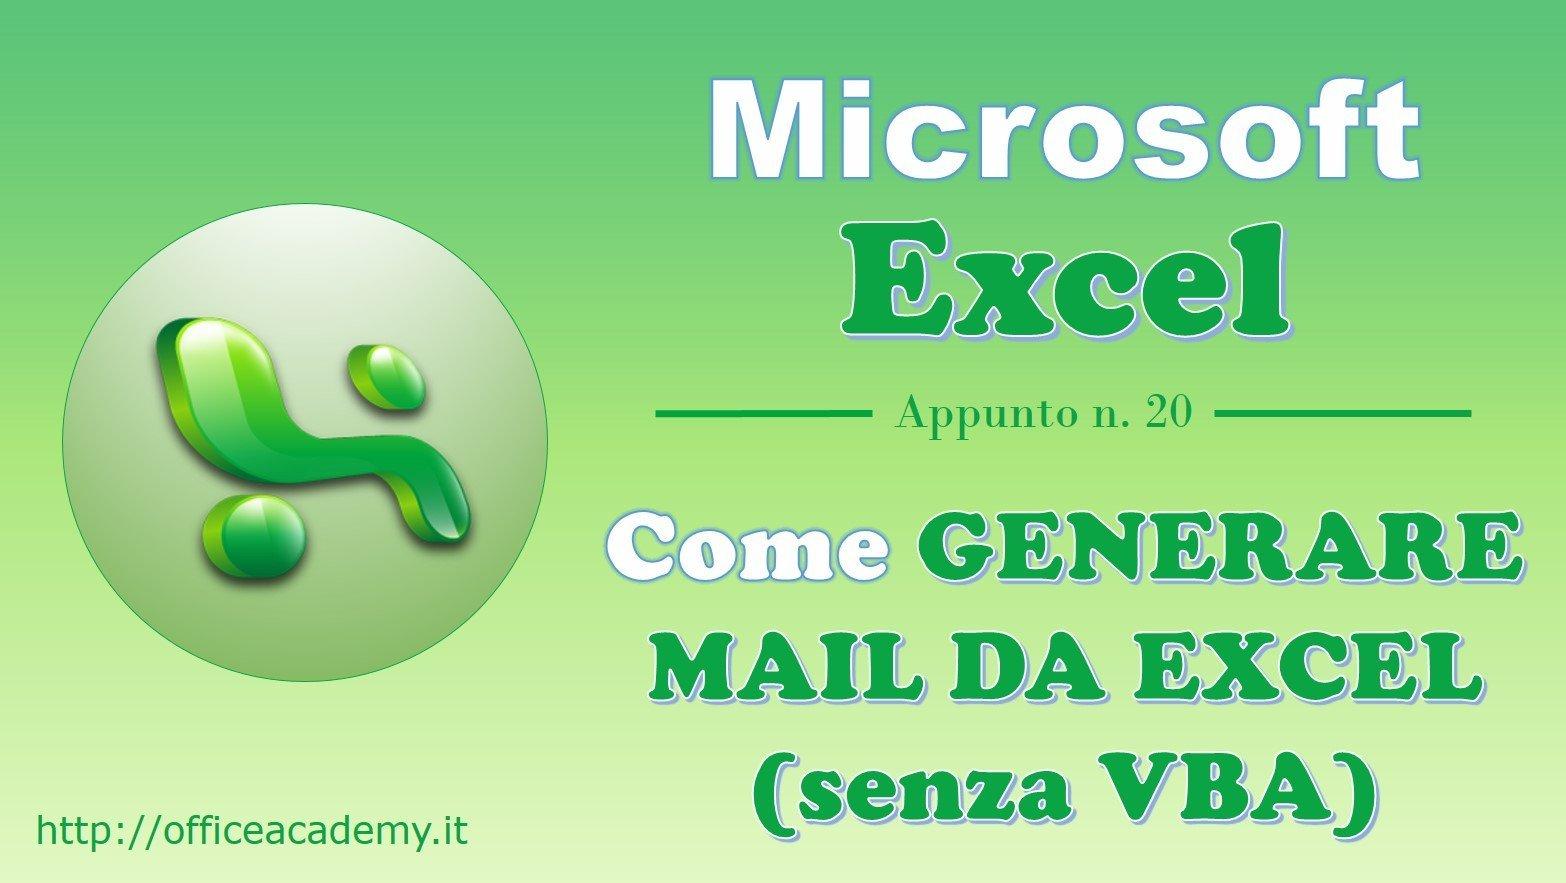 Come generare mail da Excel